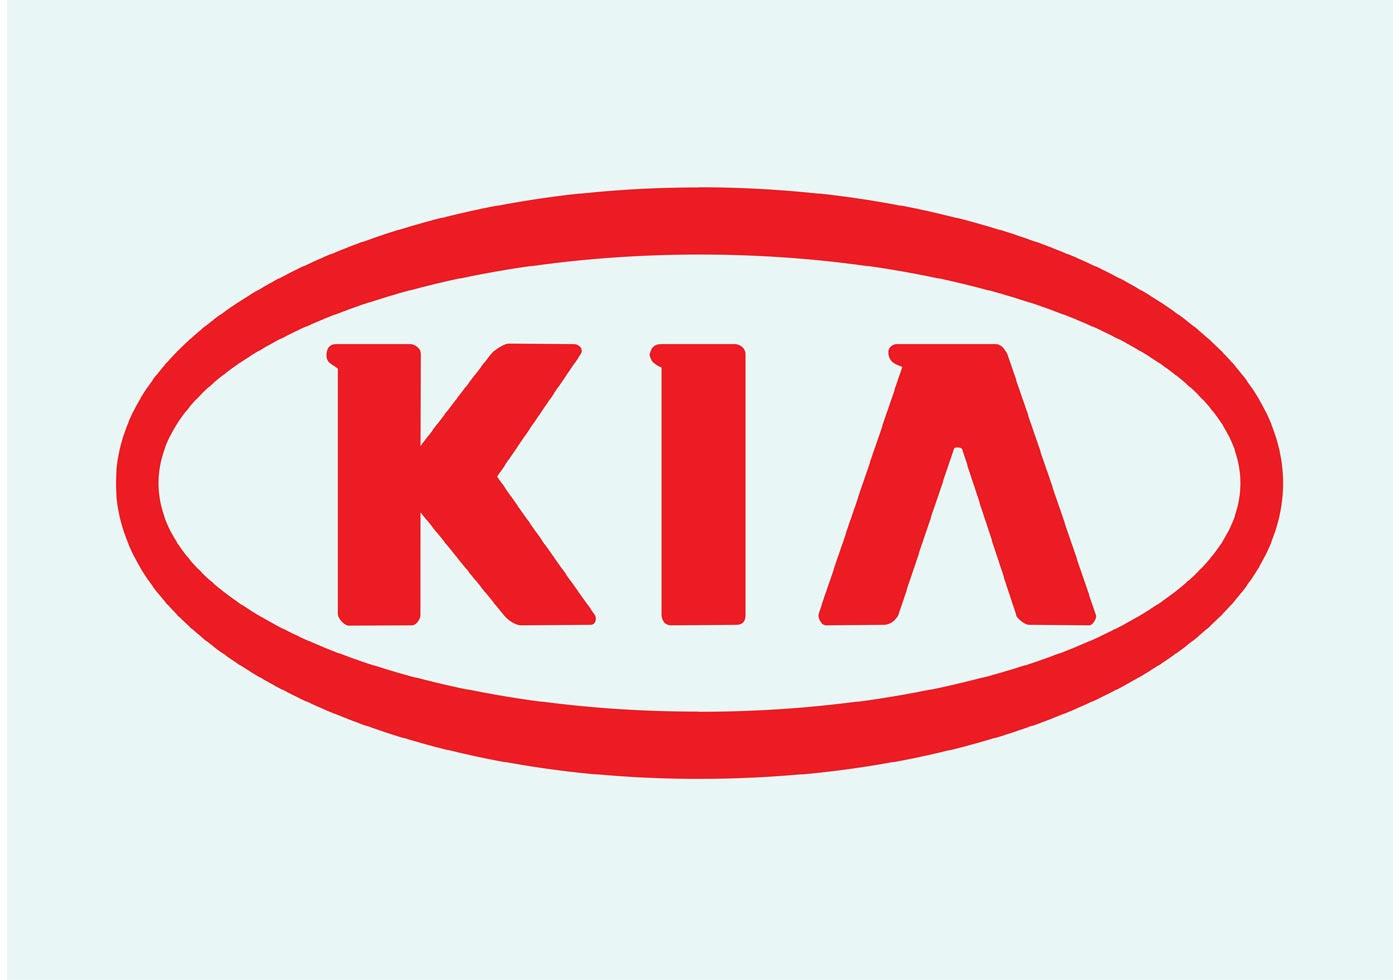 логотип в векторе hyundai - kia